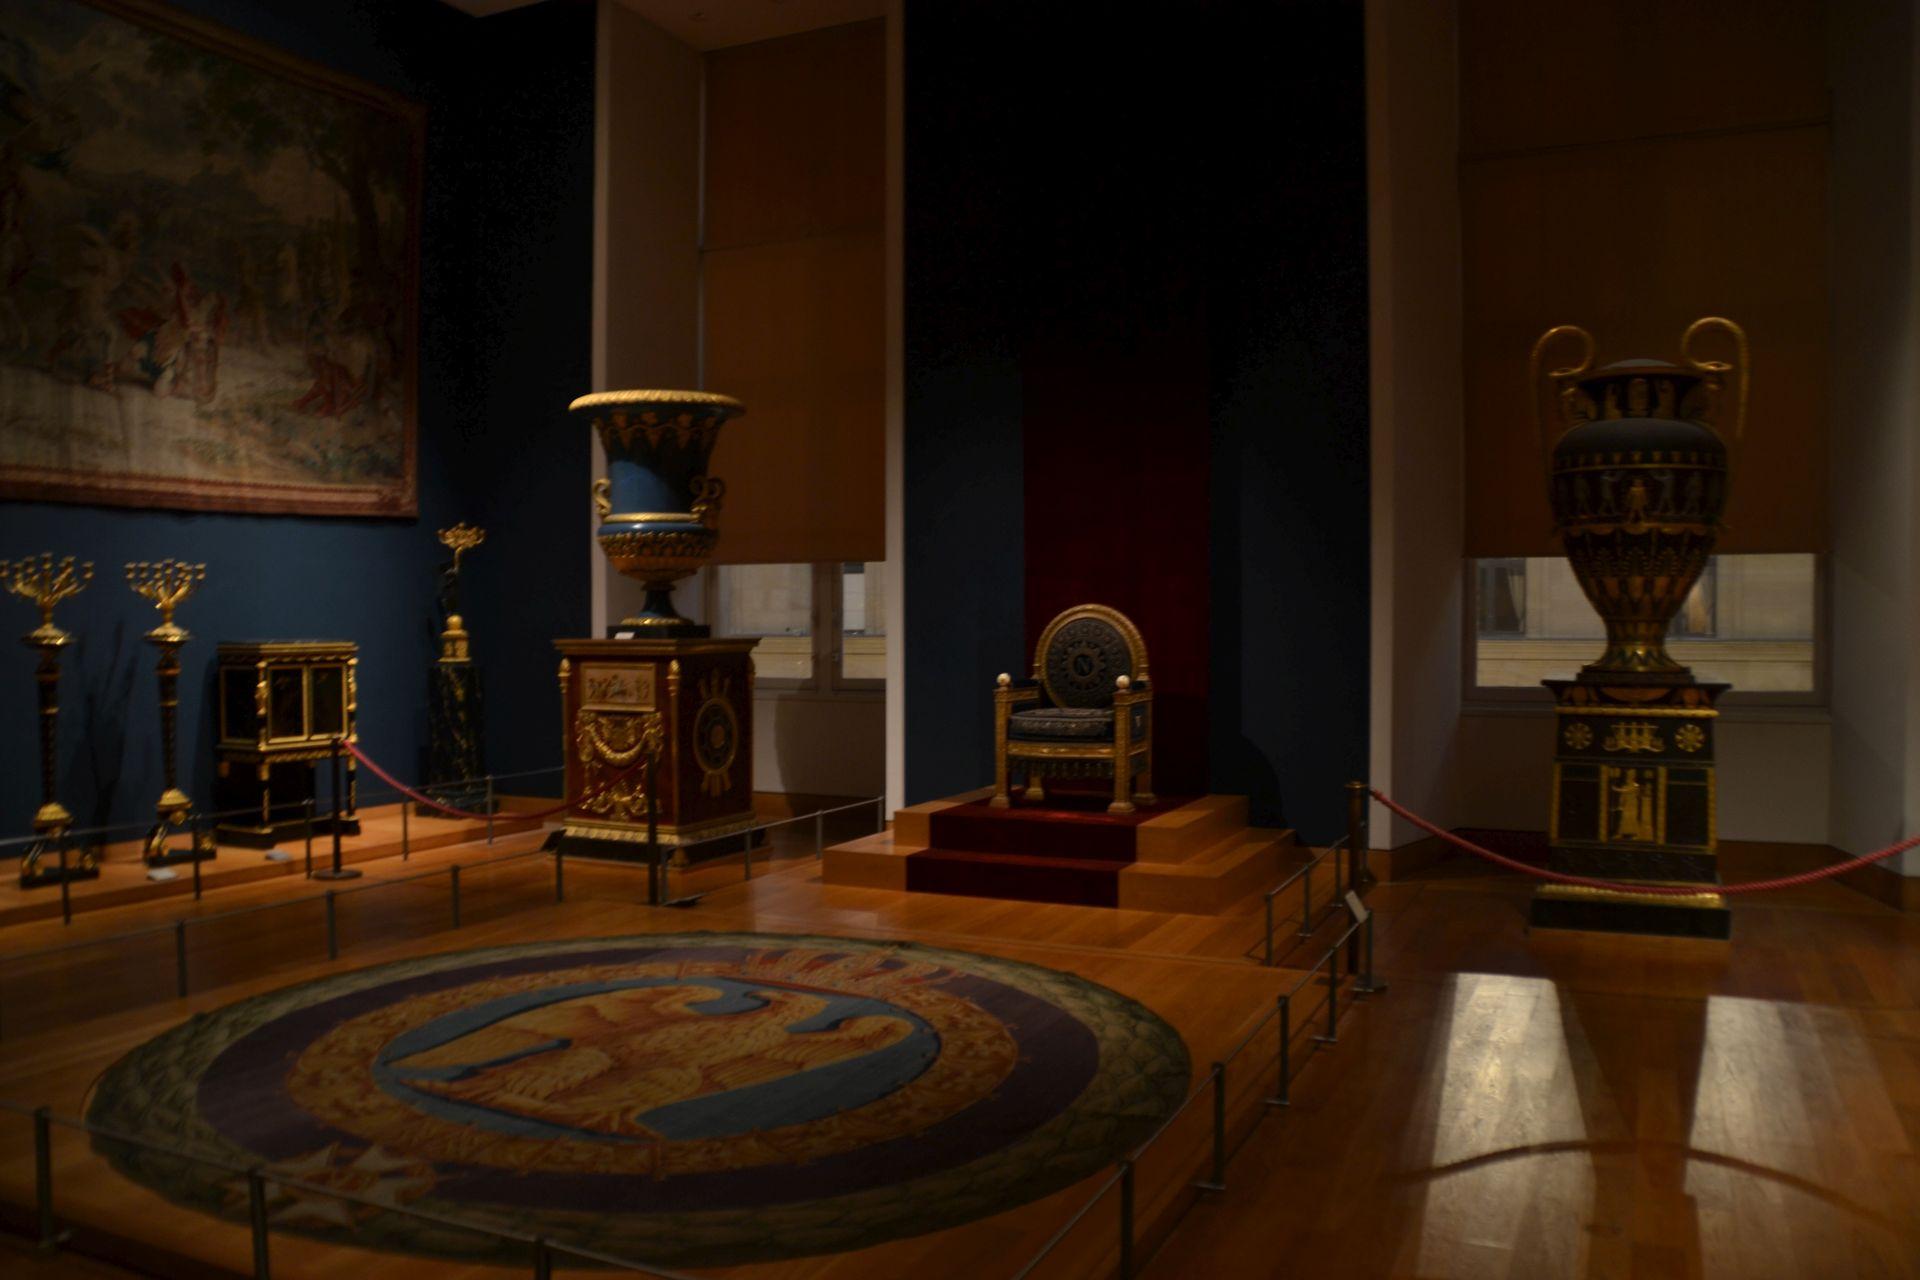 louvre, párizs, múzeum, napóleon, apartman, trónterem